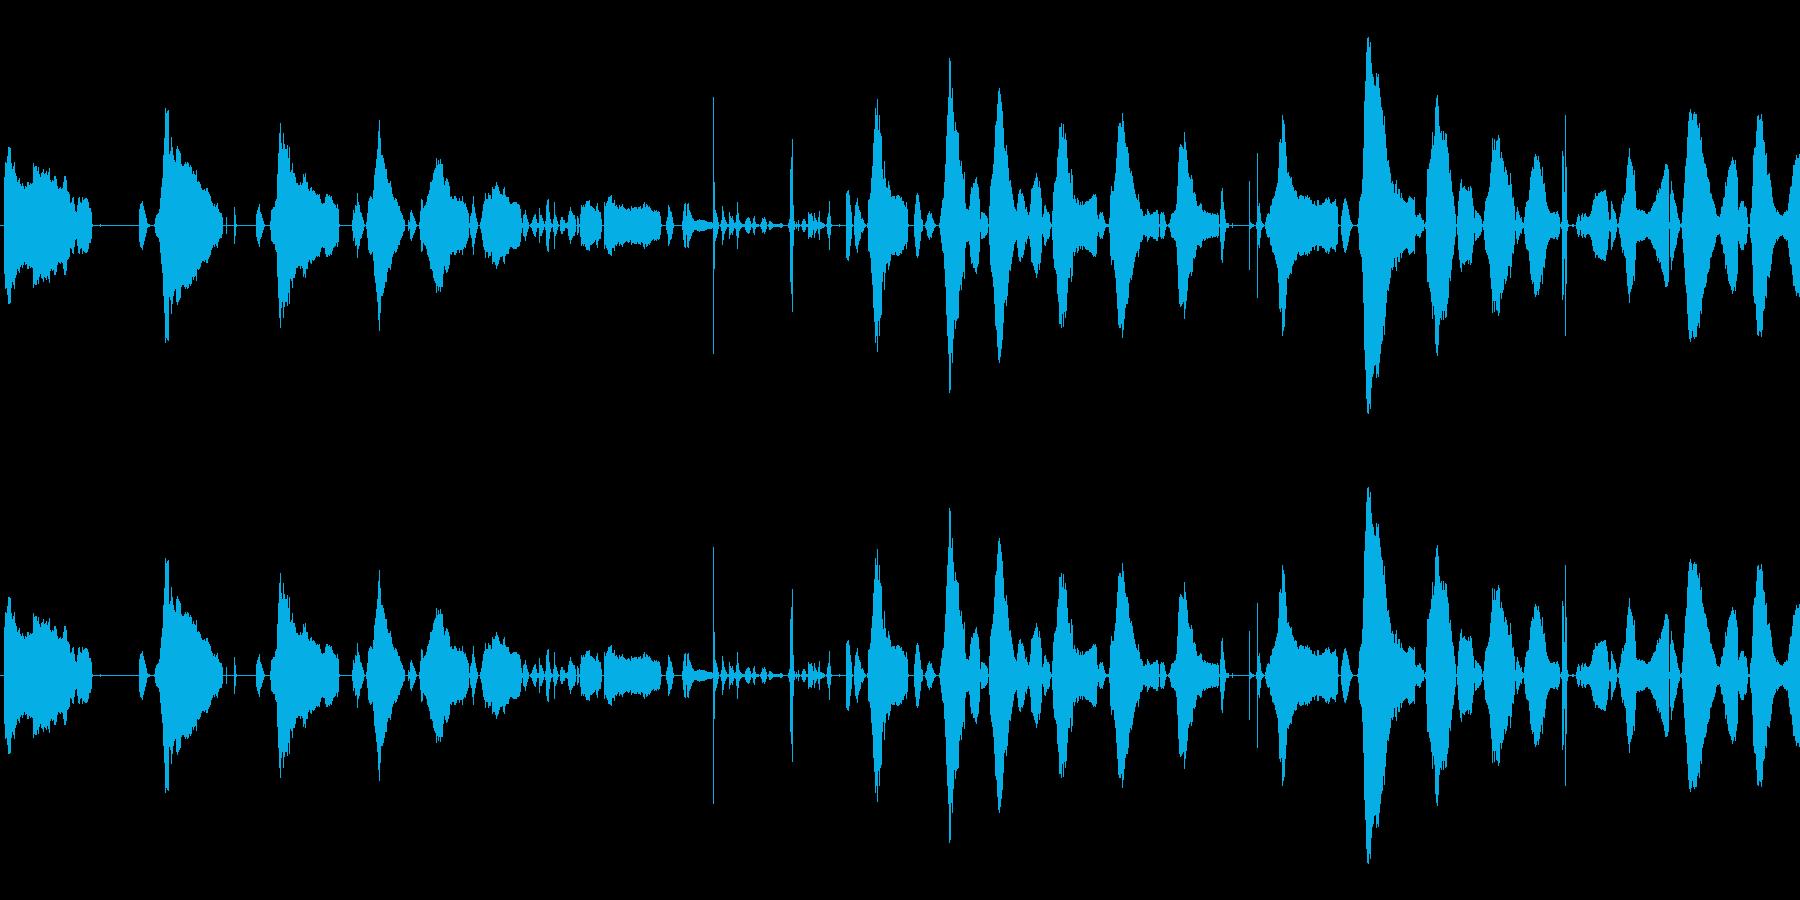 赤ちゃんの泣き声<泣き方 : 弱め>の再生済みの波形